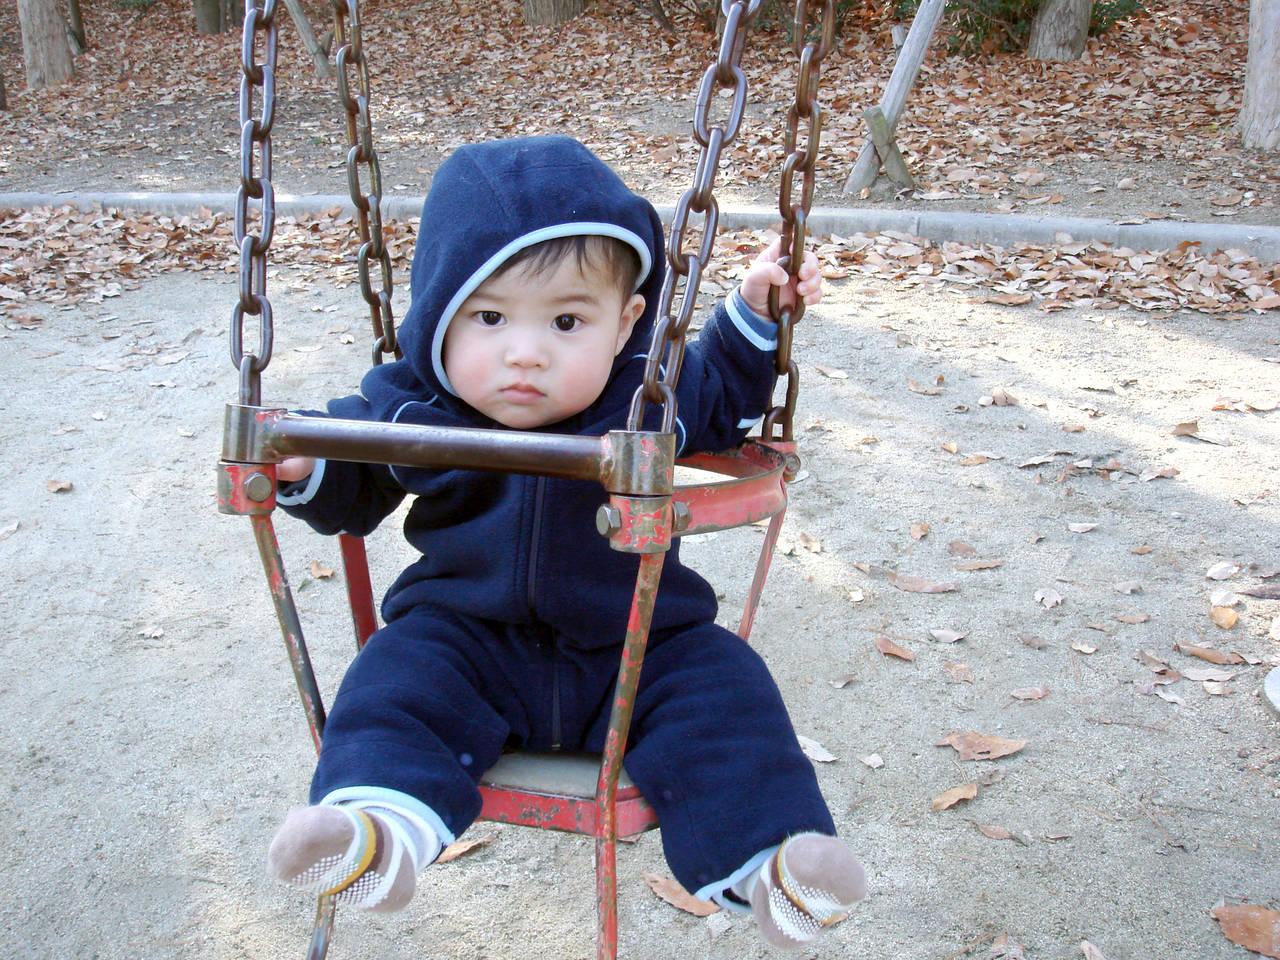 冬場に適した赤ちゃんの服装!屋内外の肌着や服装の選び方やポイント